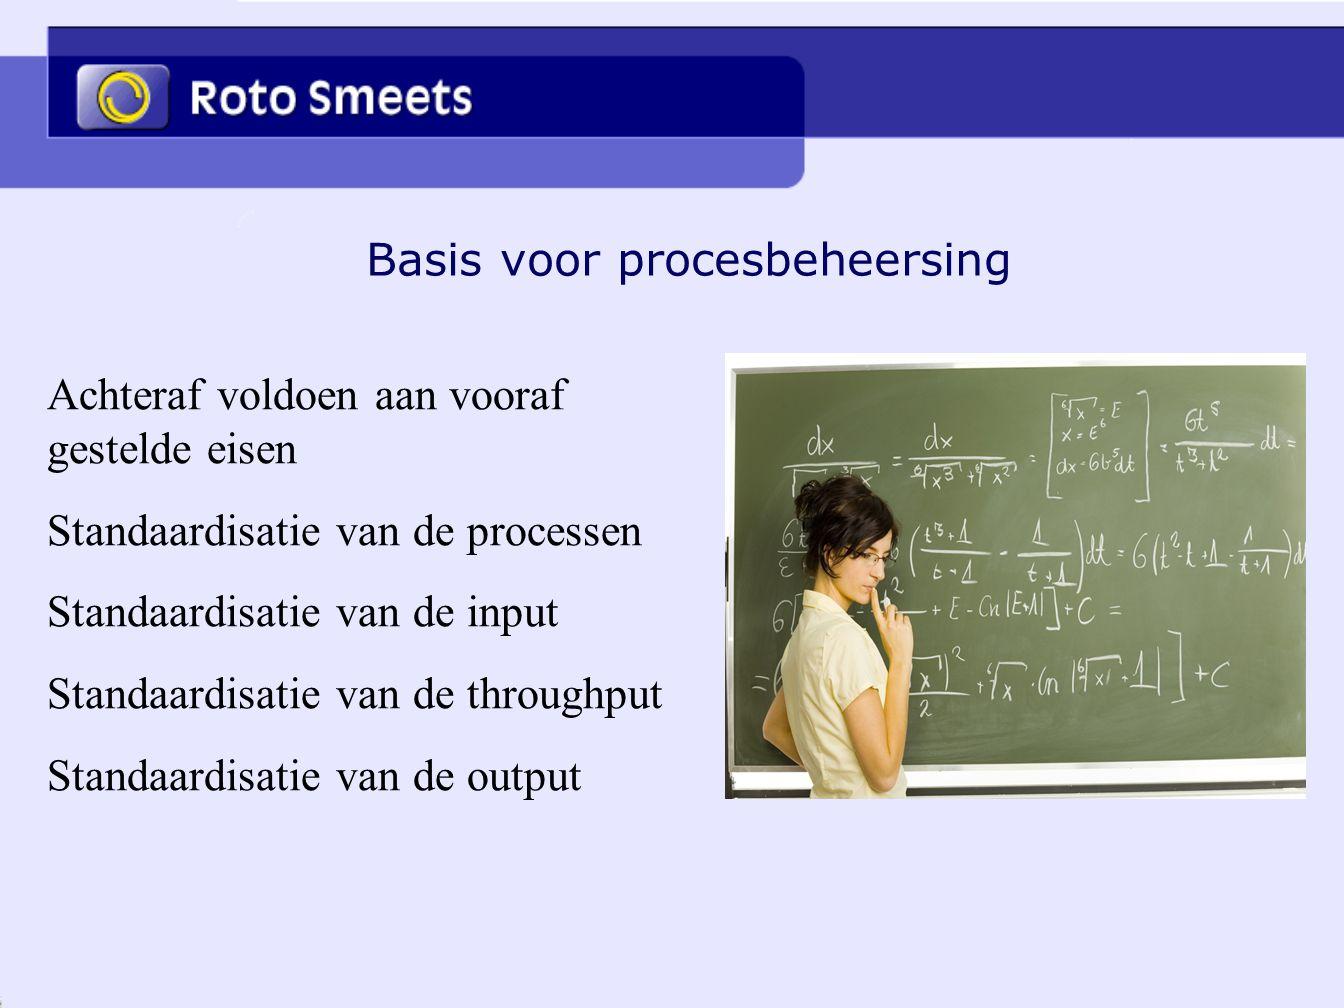 Basis voor procesbeheersing